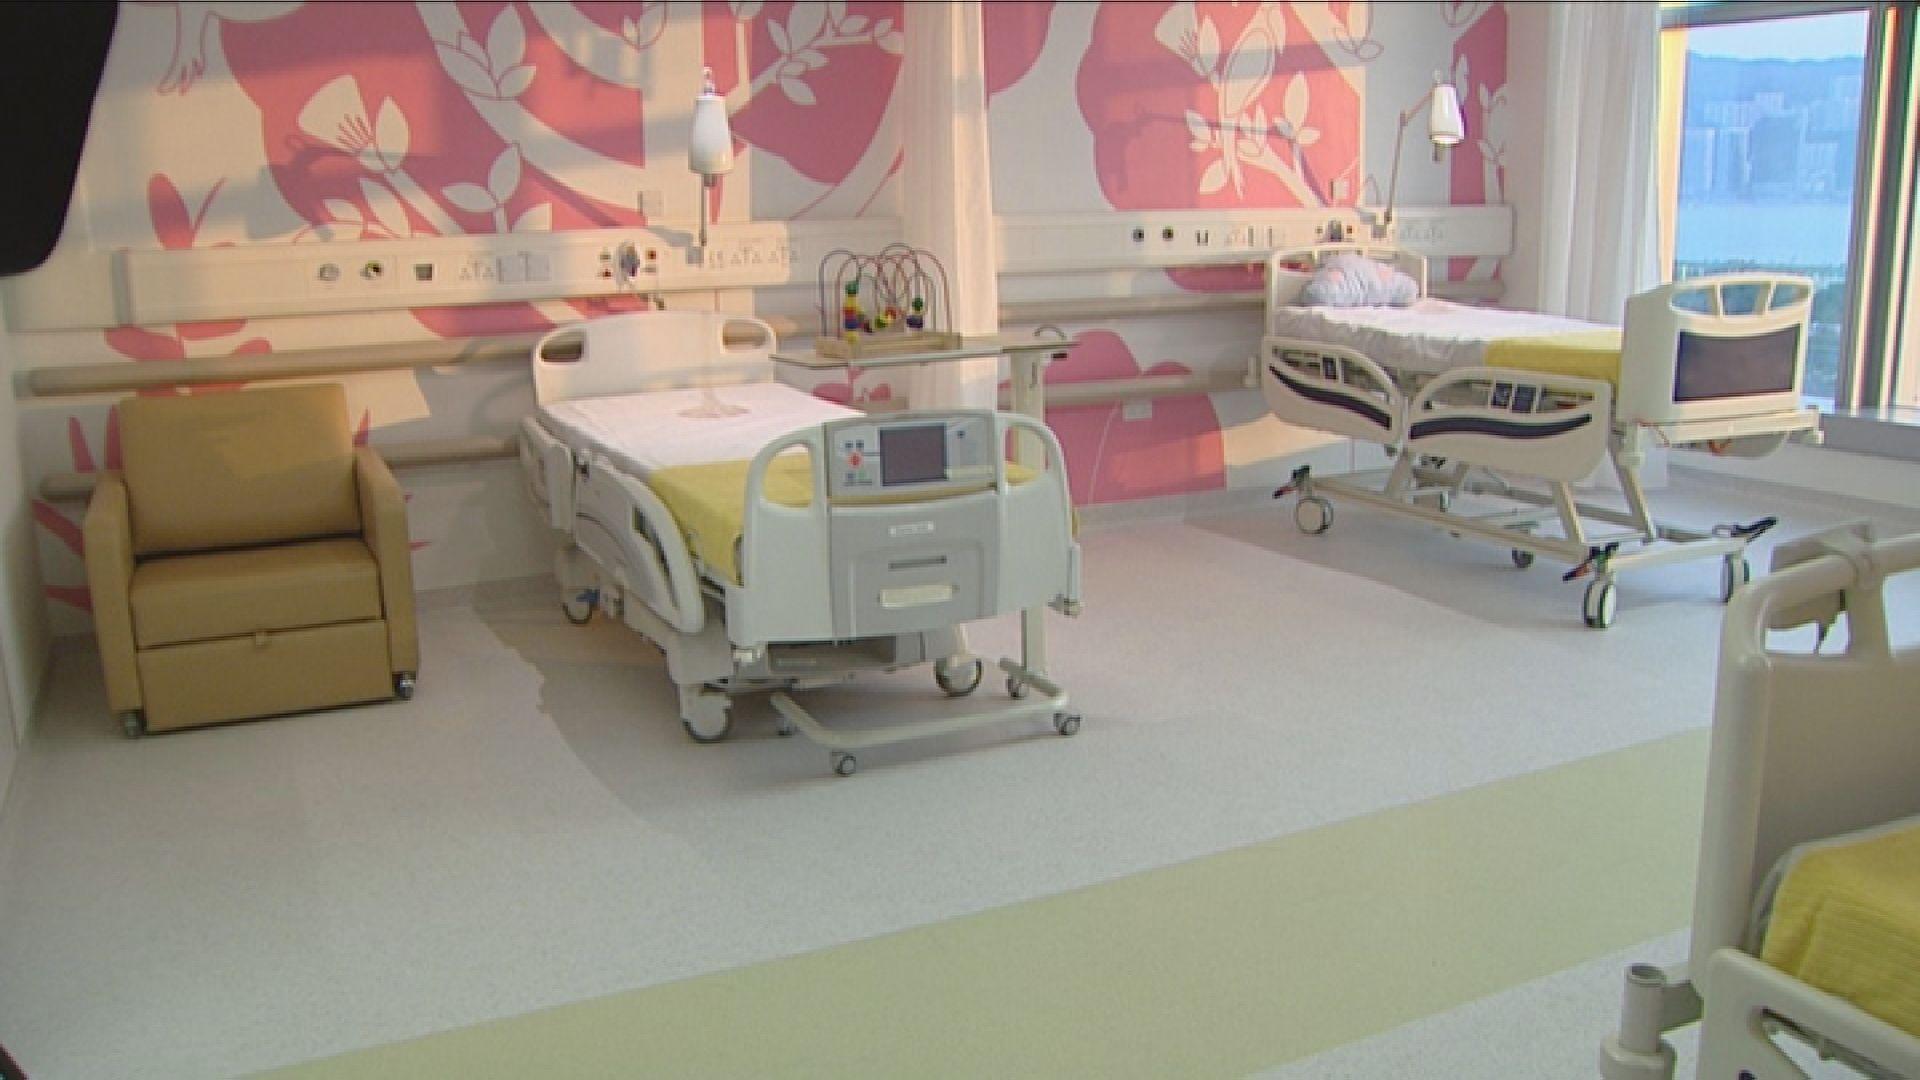 啟德兒童醫院硬件準備進度落後